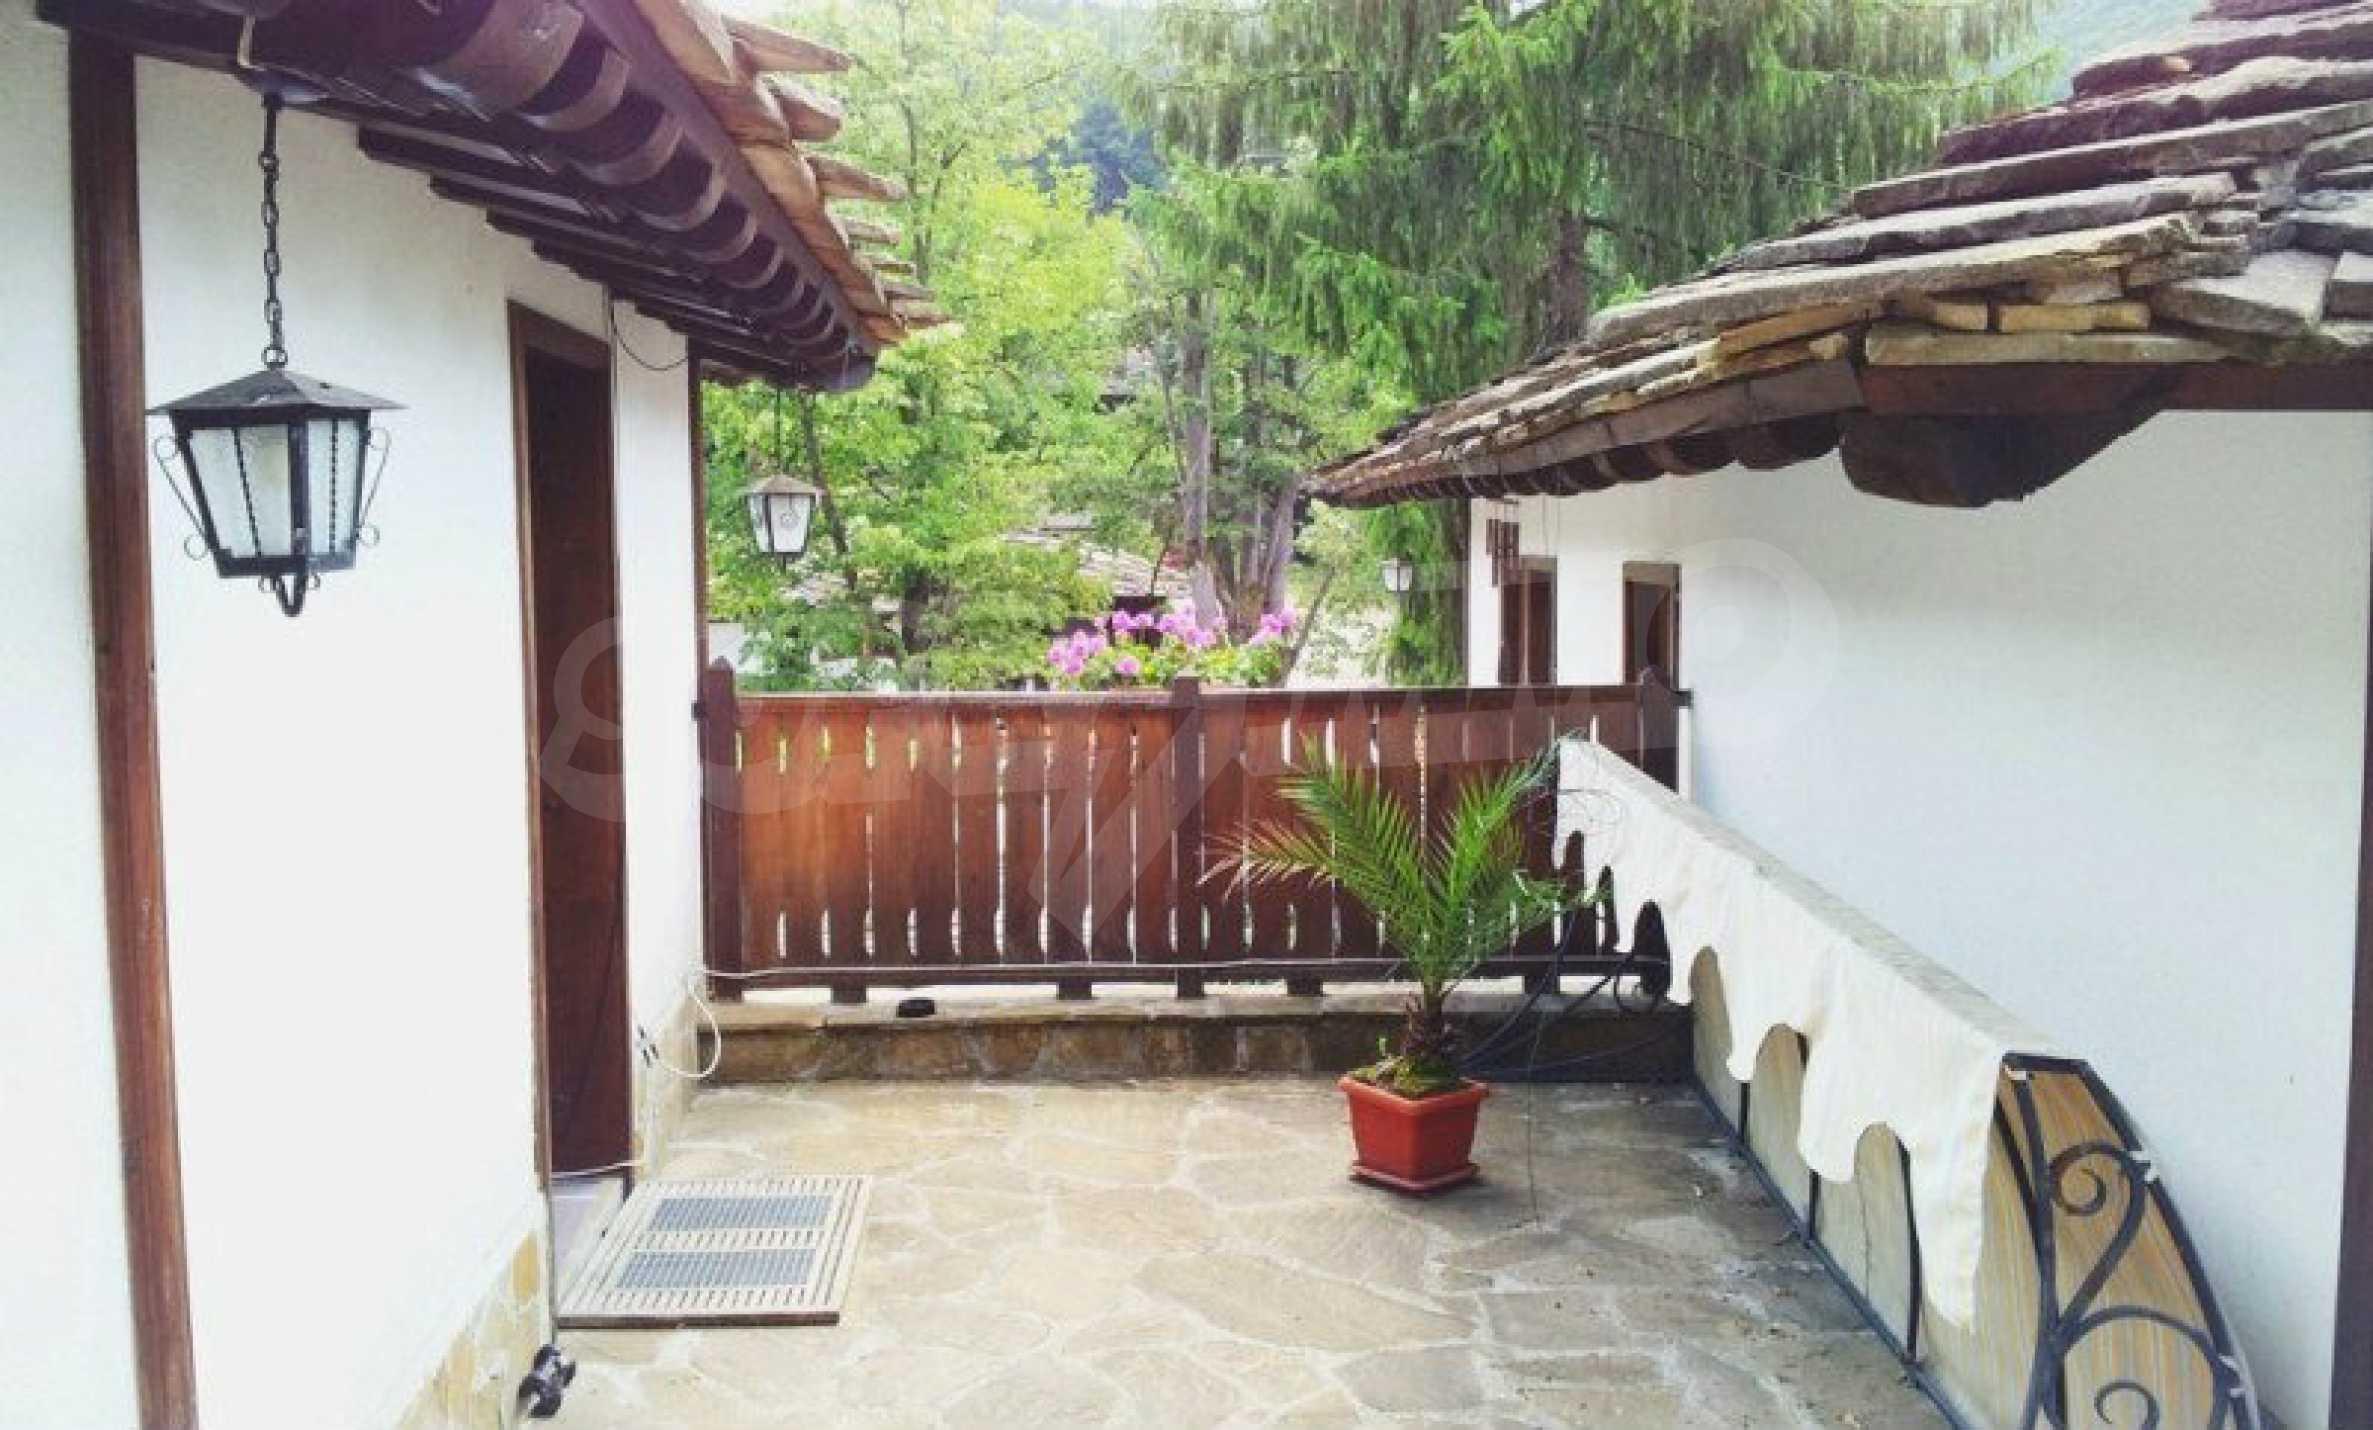 Уникaльный дом с ресторанчиком в деревне Боженци 22